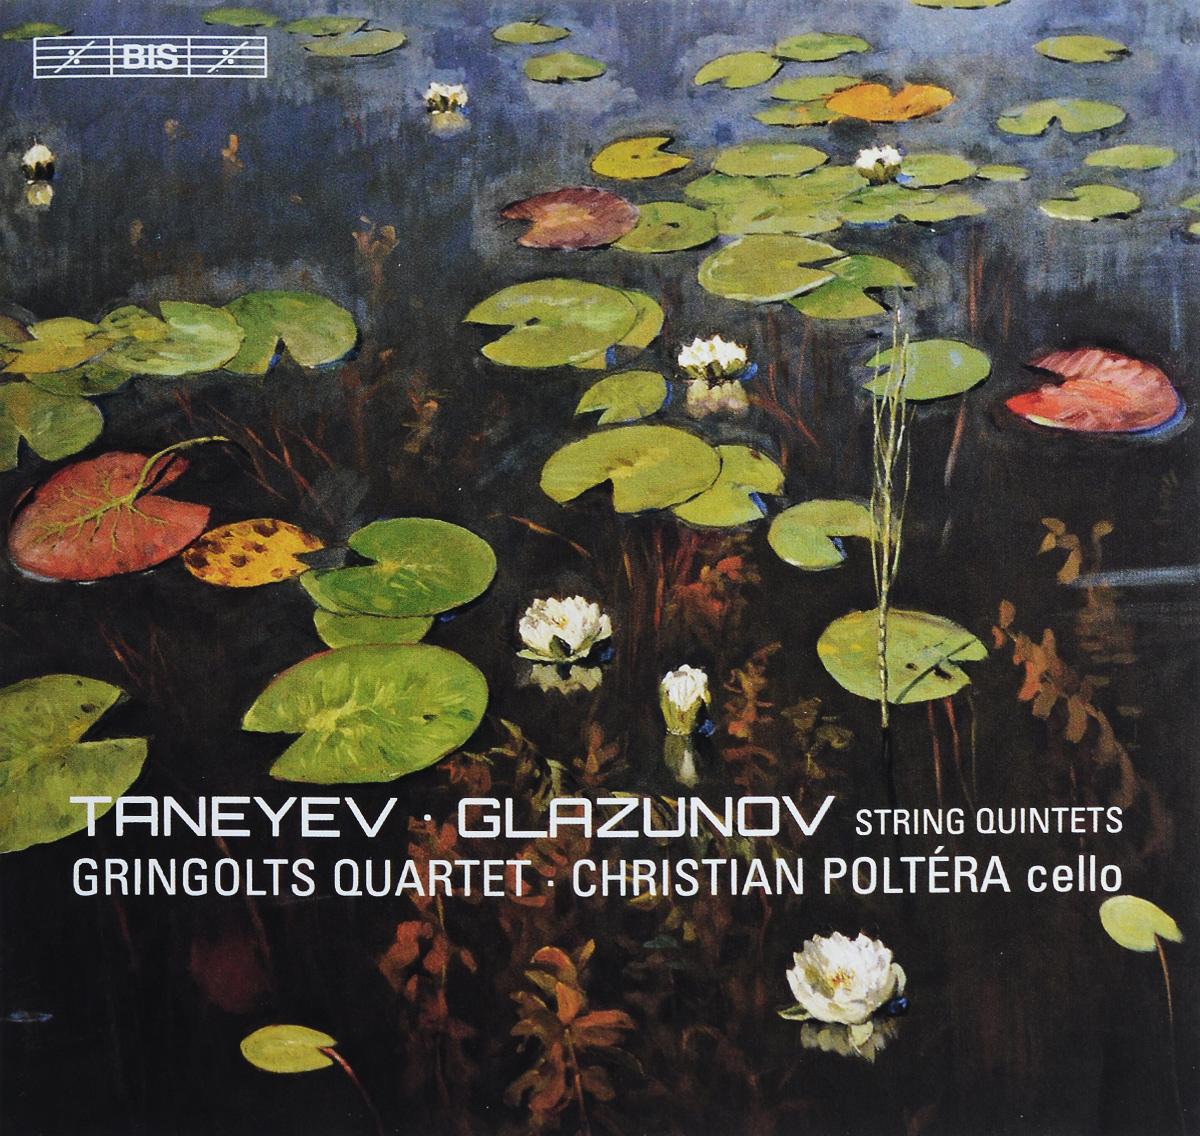 Gringolts String Quartet,Кристиан Полтера Gringolts String Quartet, Christian Poltera. Taneyev, Glazunov. String Quintets (SACD)